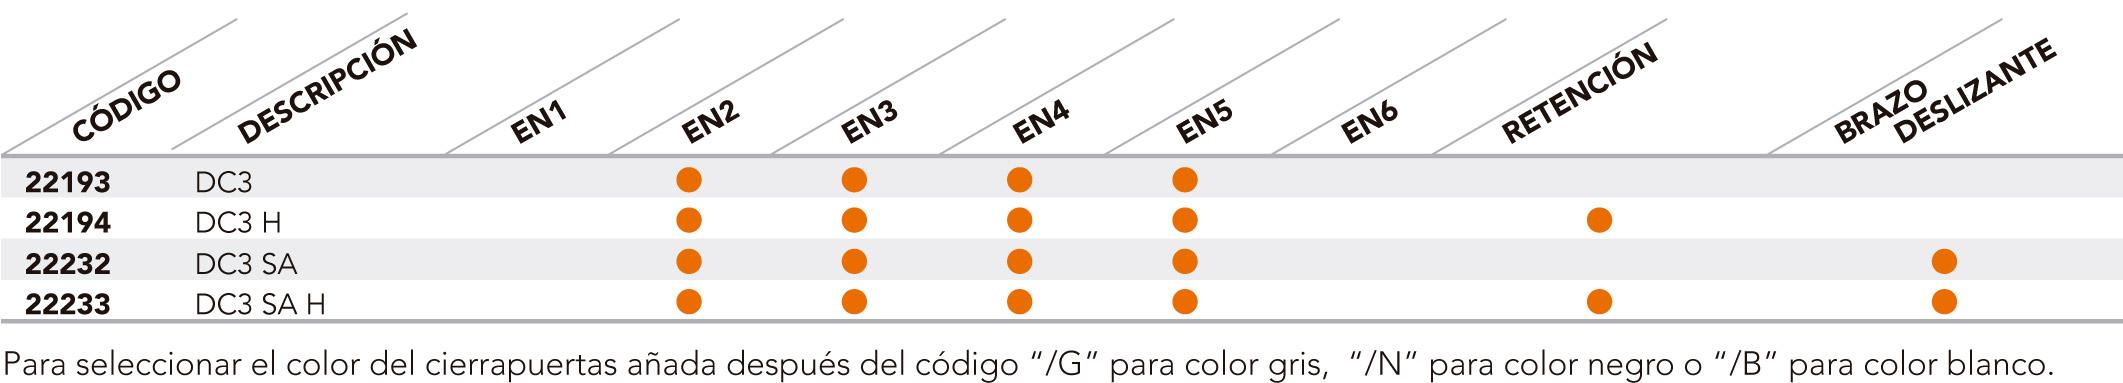 DC3_cuadro